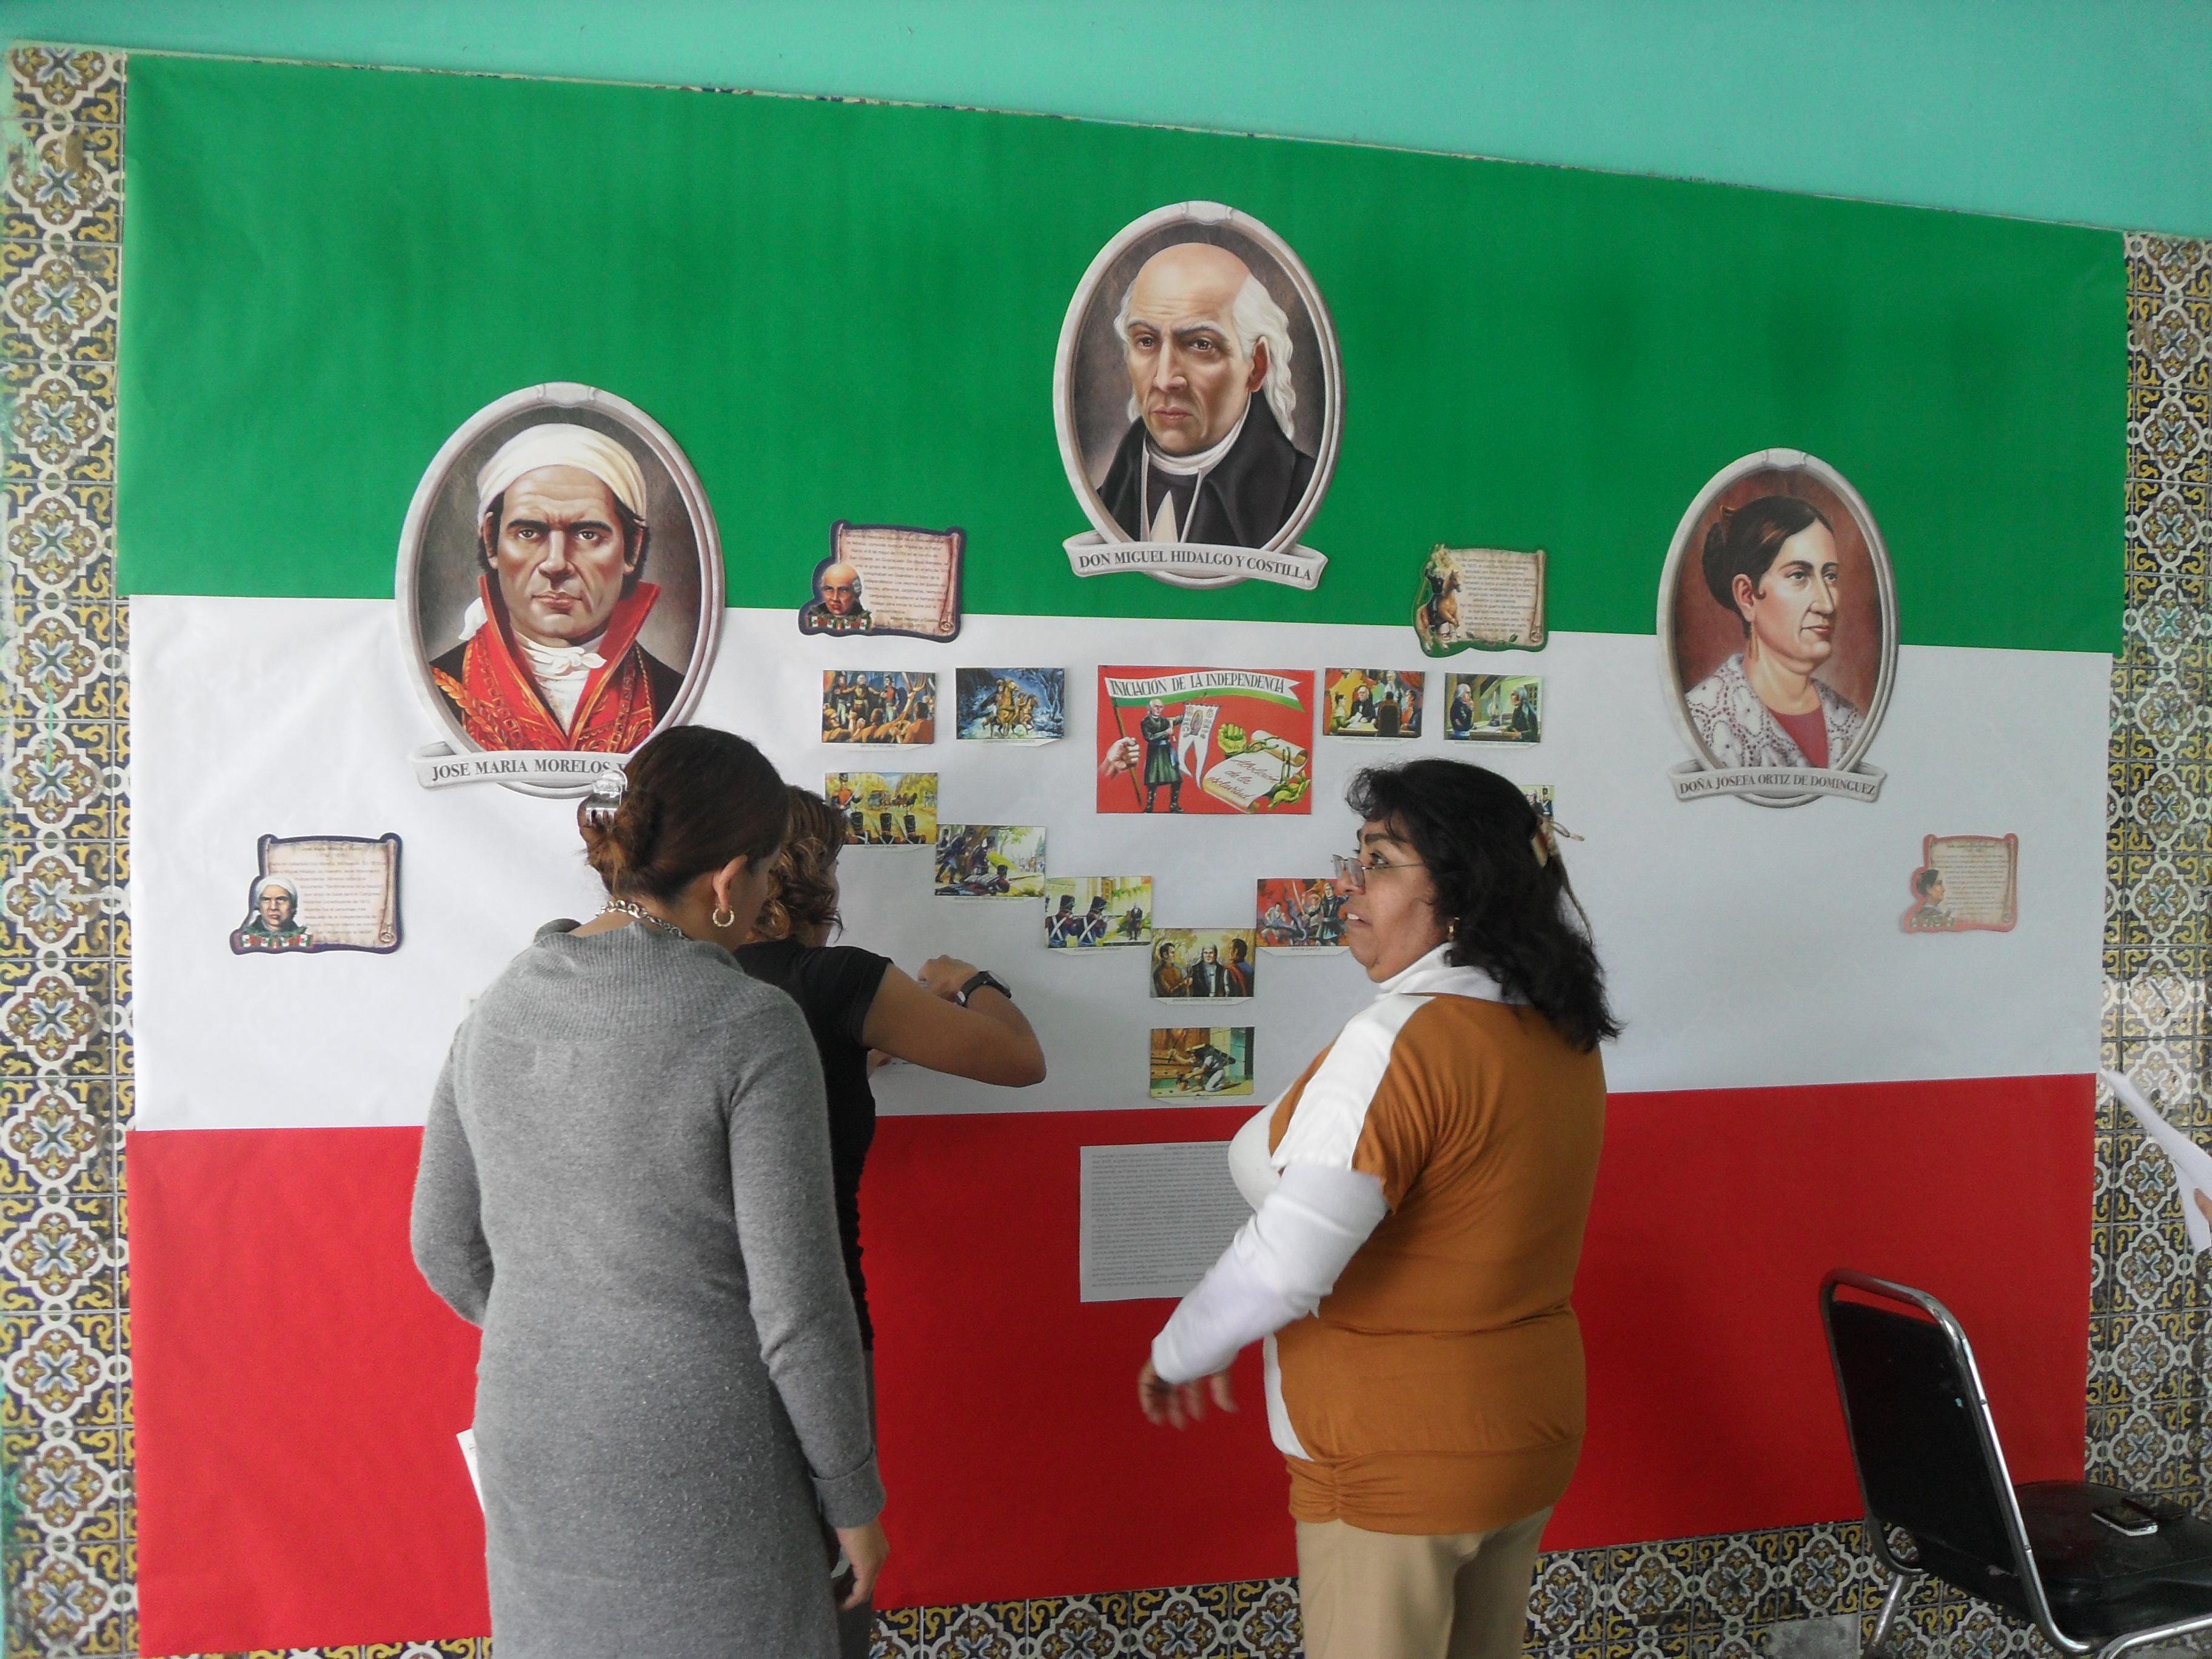 Secundaria 18 peri dico mural for El mural periodico